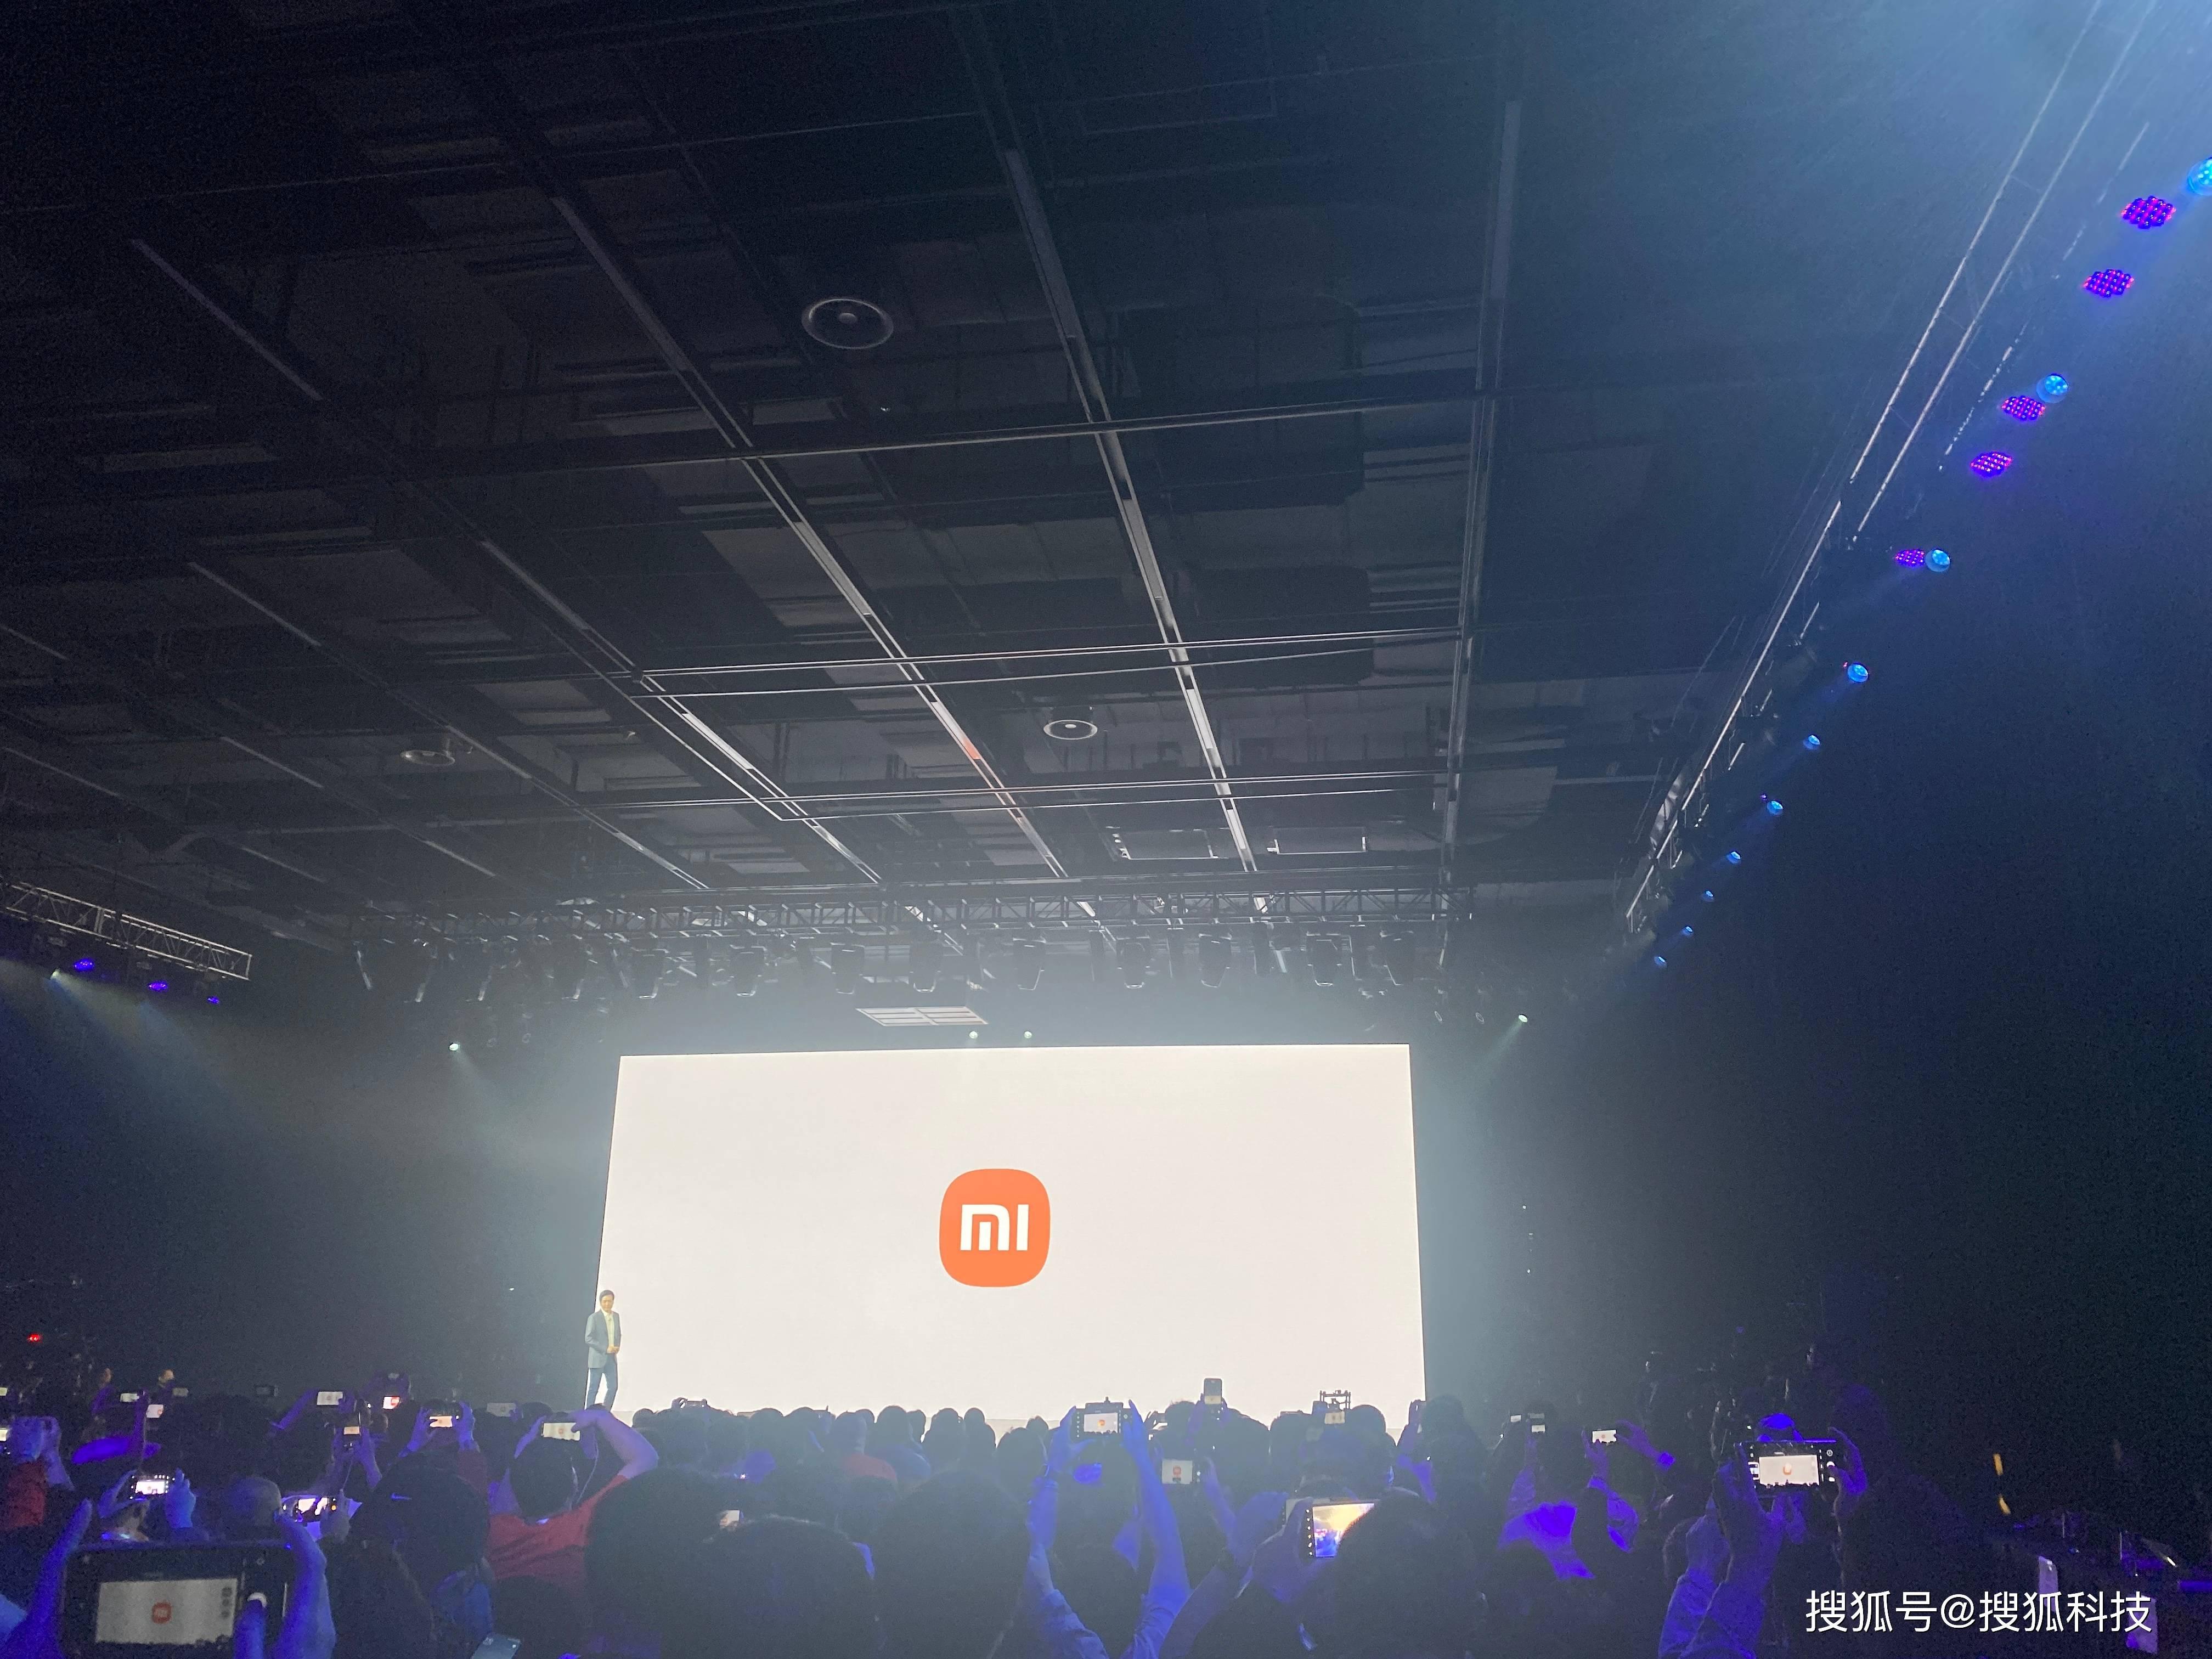 小米启用全新品牌logo,轮廓由方形变成圆形